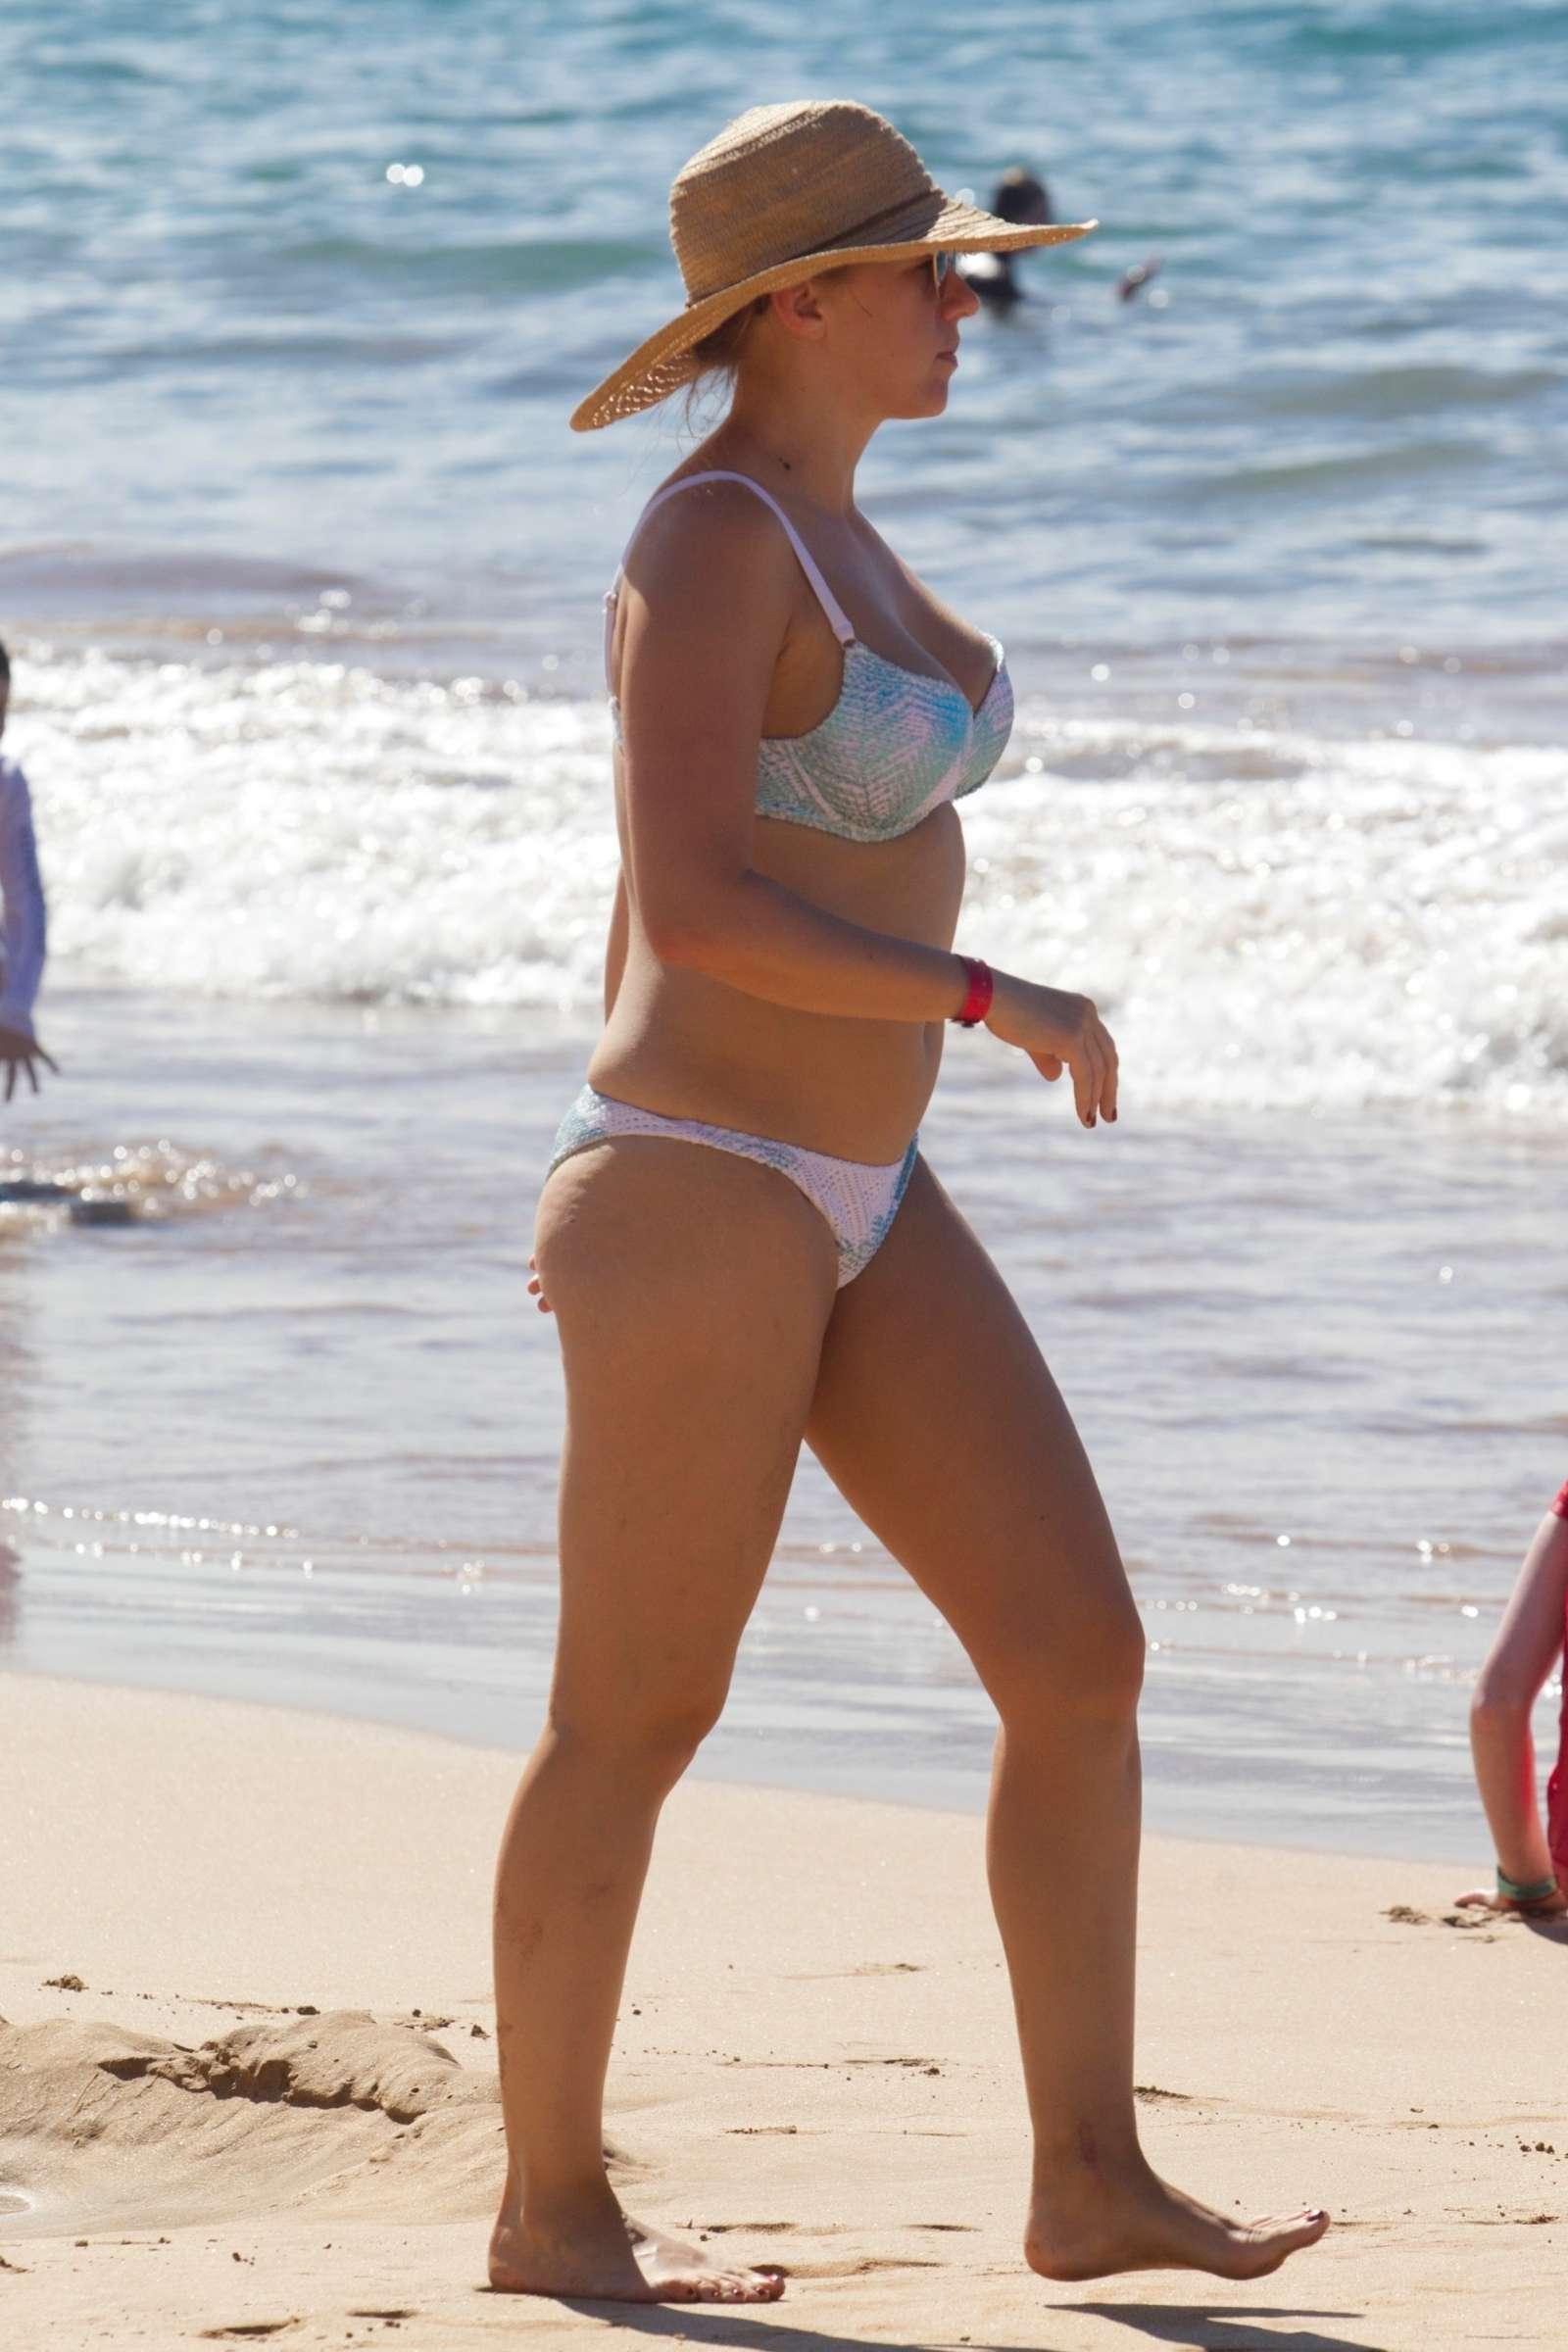 Jodie Sweetin 2017 : Jodie Sweetin in Bikini 2017 -15